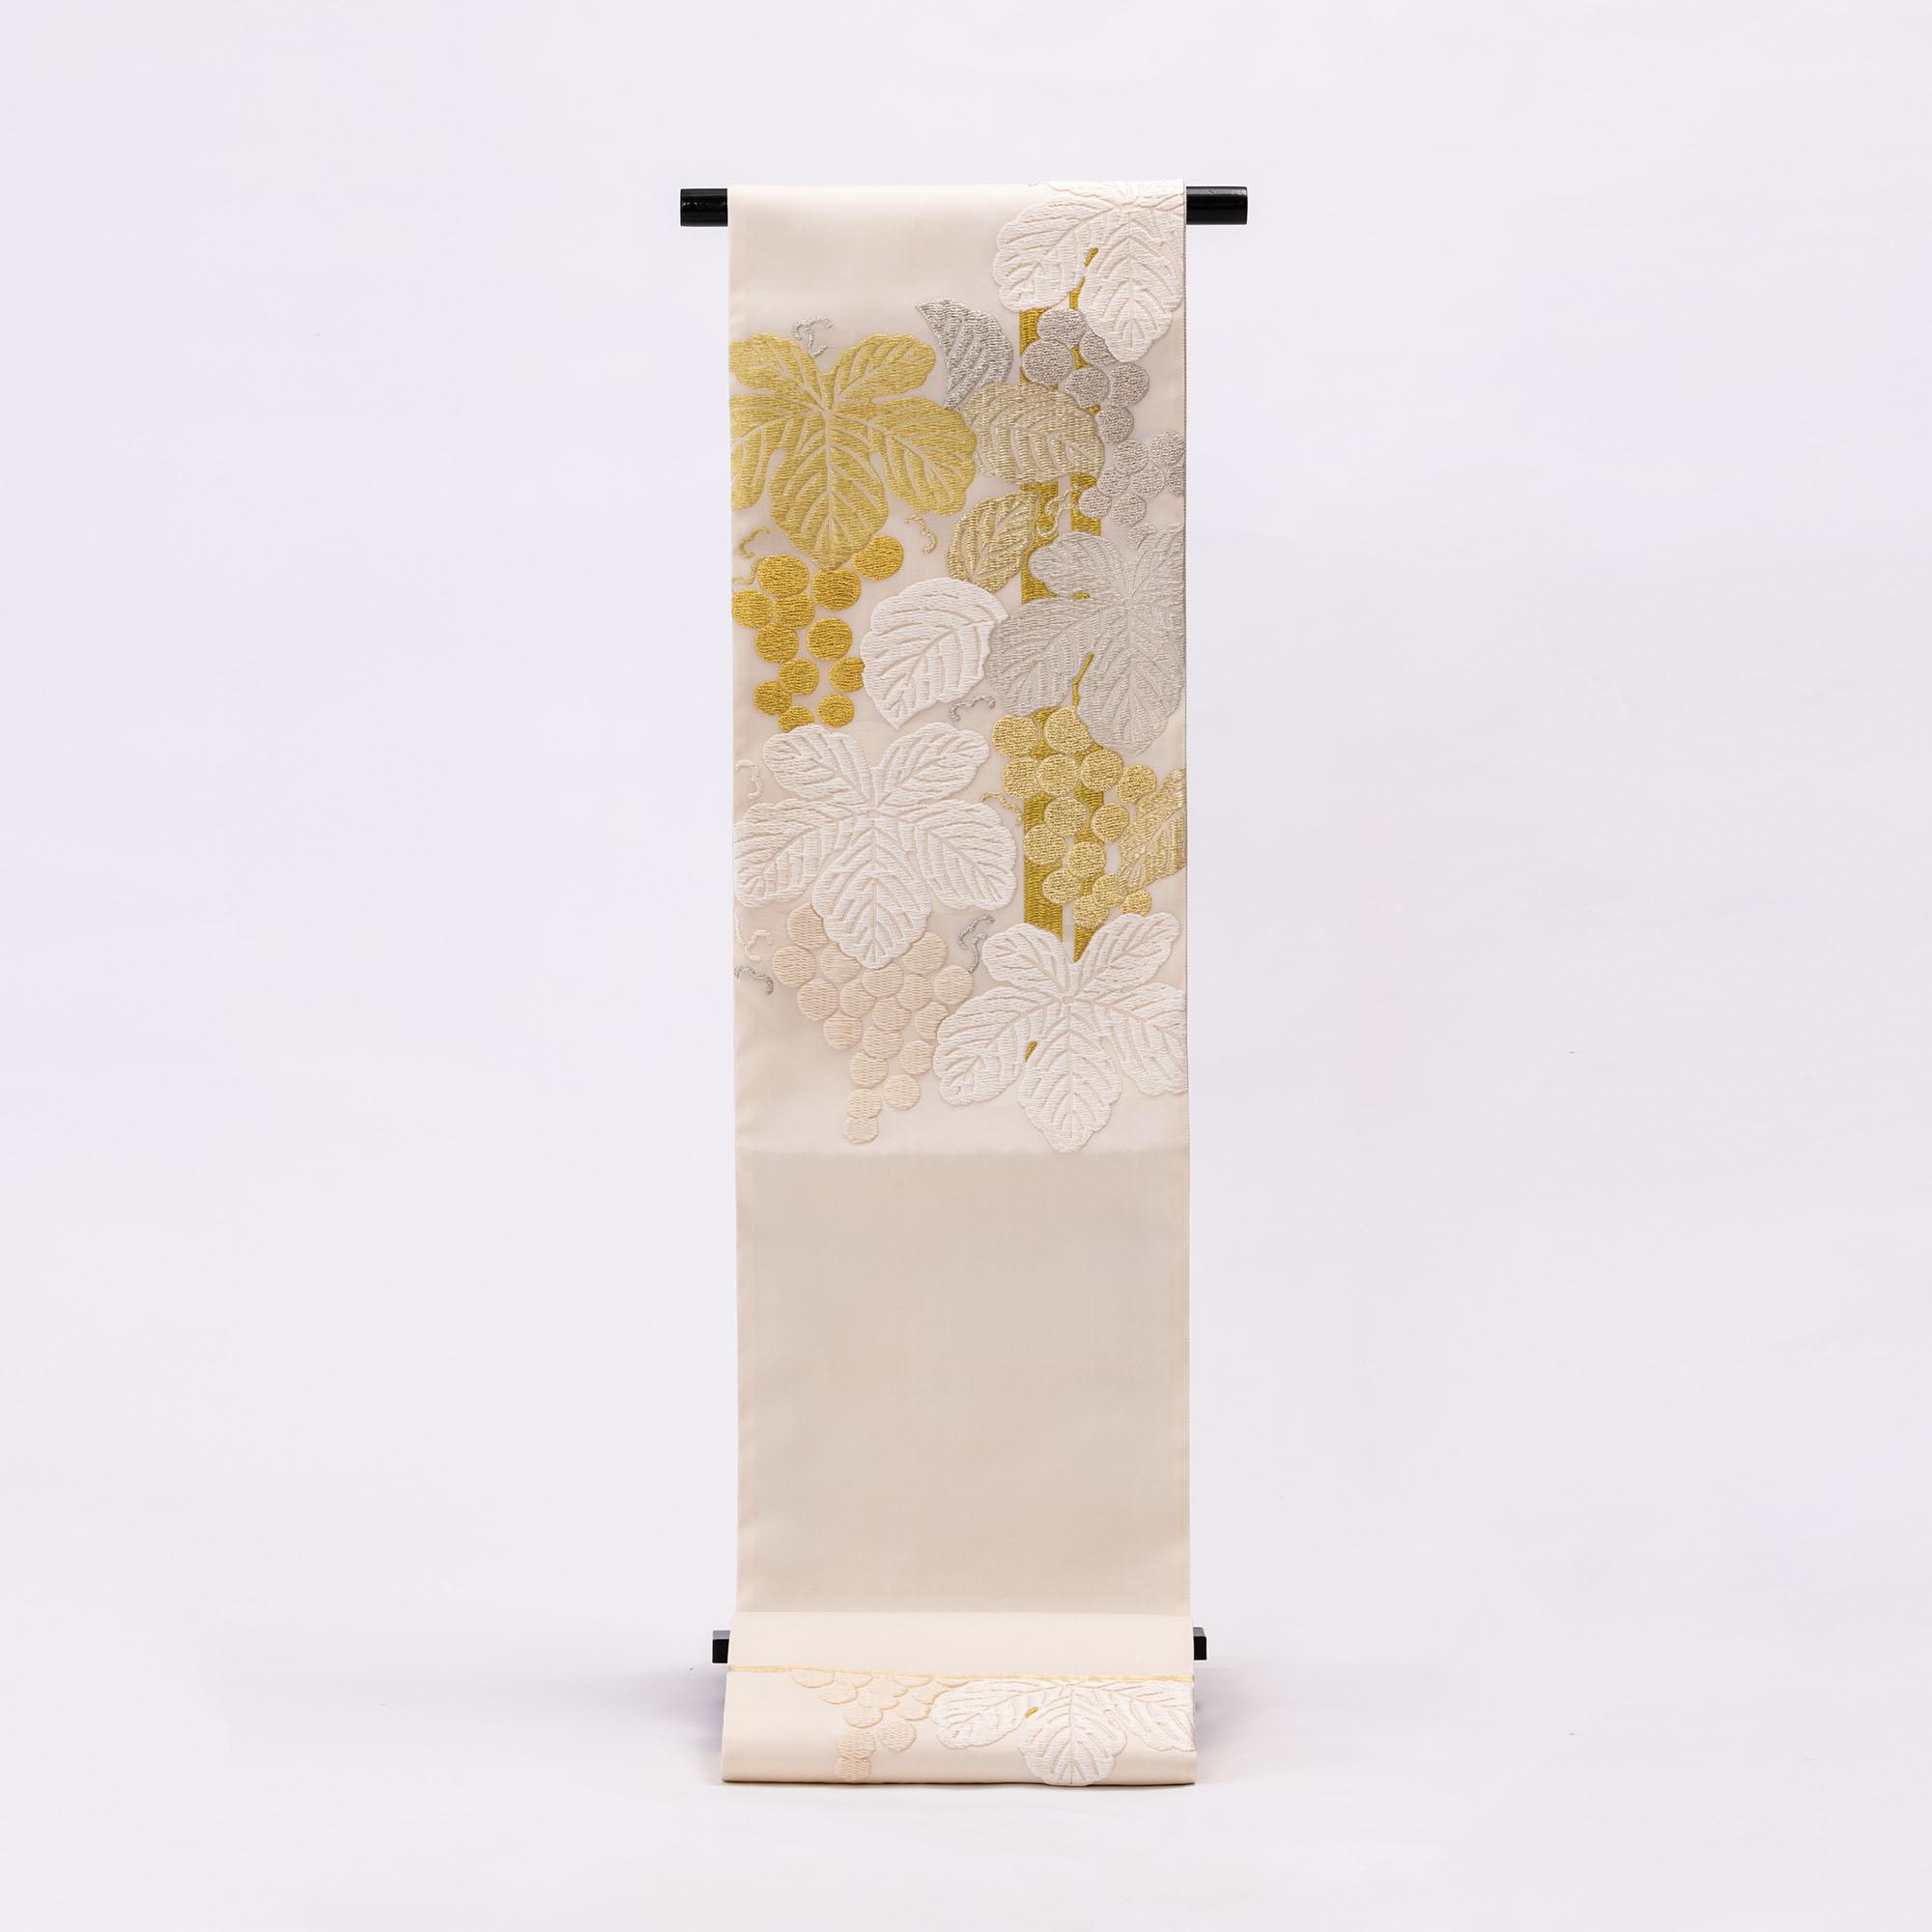 齋藤織物 袋帯 「大葡萄図」 江州だるま糸使用